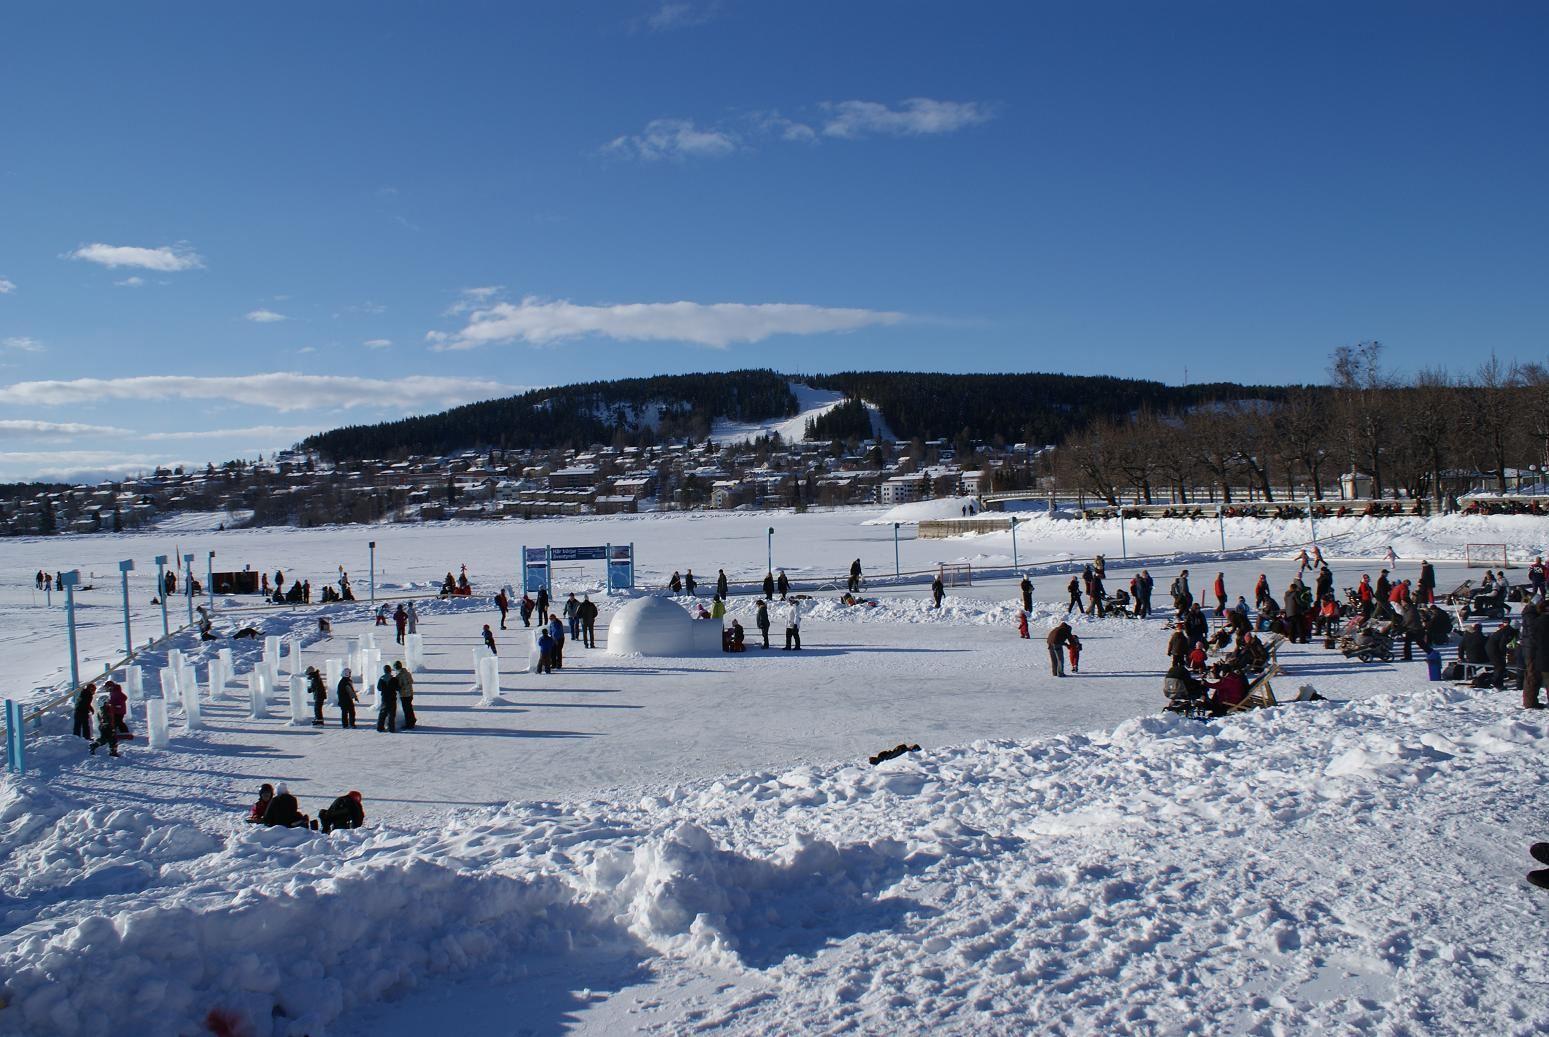 Foto: Vinterparken,  © Copy: Vinterparken, Storsjöns is fullt med folk